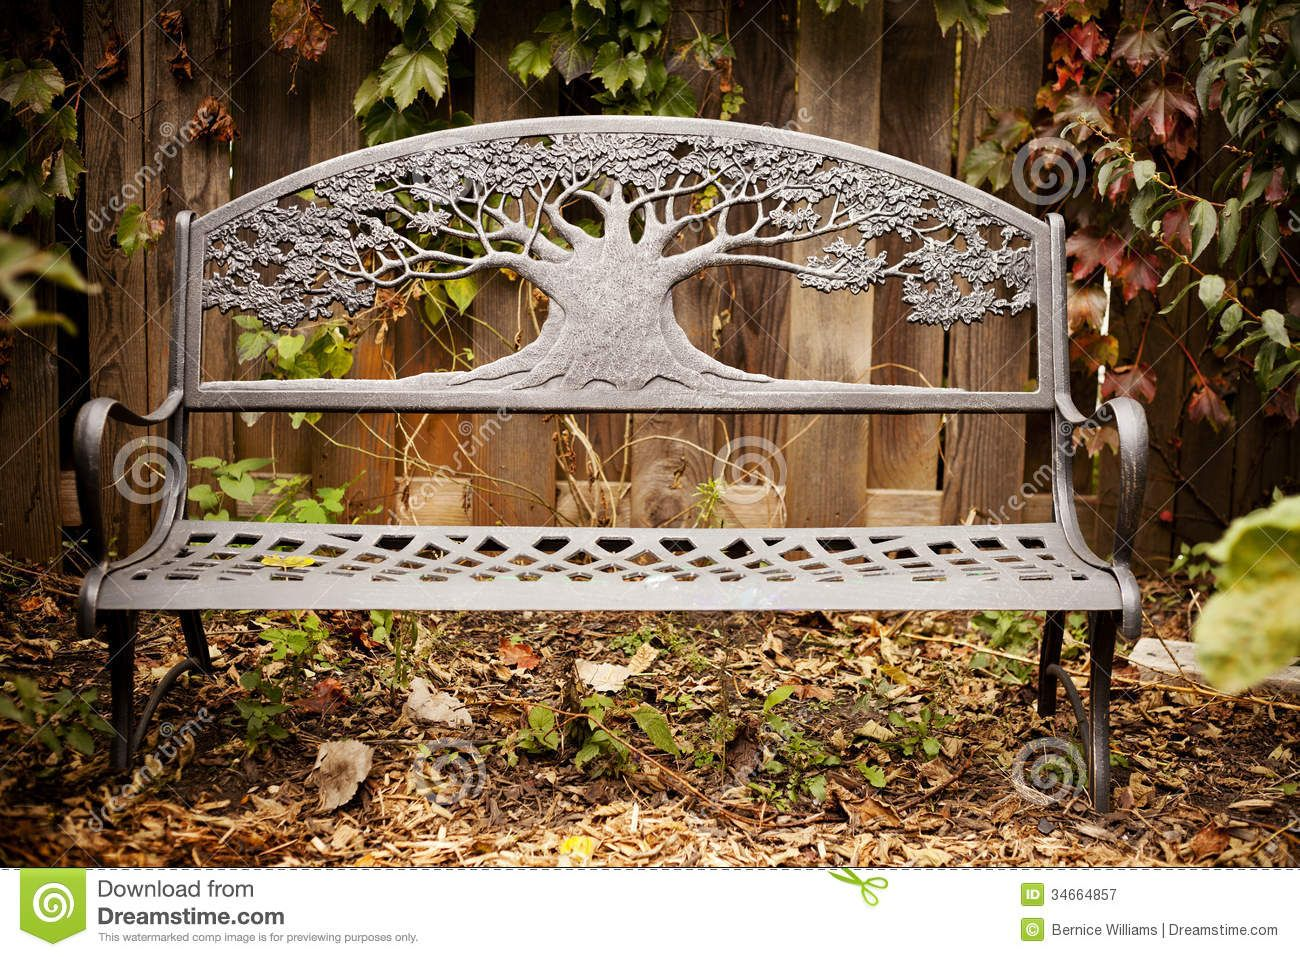 Garden Decorative Garden Bench Garden Bench Autumn Decorative Iron Park Leaves Wooden Fence 34664857 Bench Decor Decor Home Decor